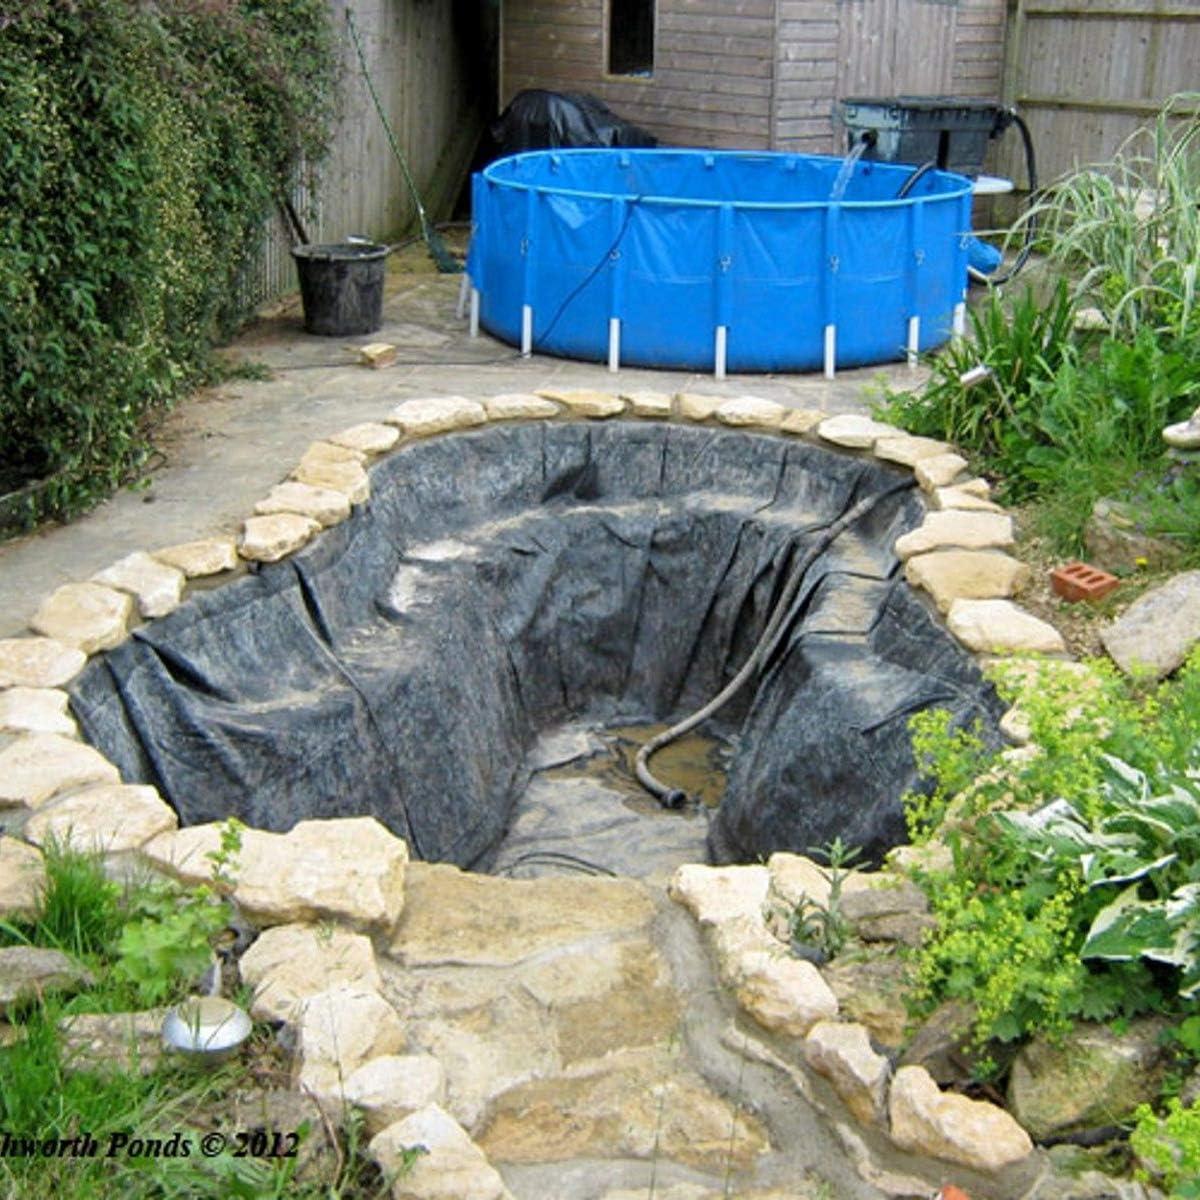 dDanke - Revestimiento de Estanque para jardín o Piscina, Resistente a Las Fugas, de PVC, Resistente a pinchazos, Color Negro: Amazon.es: Jardín